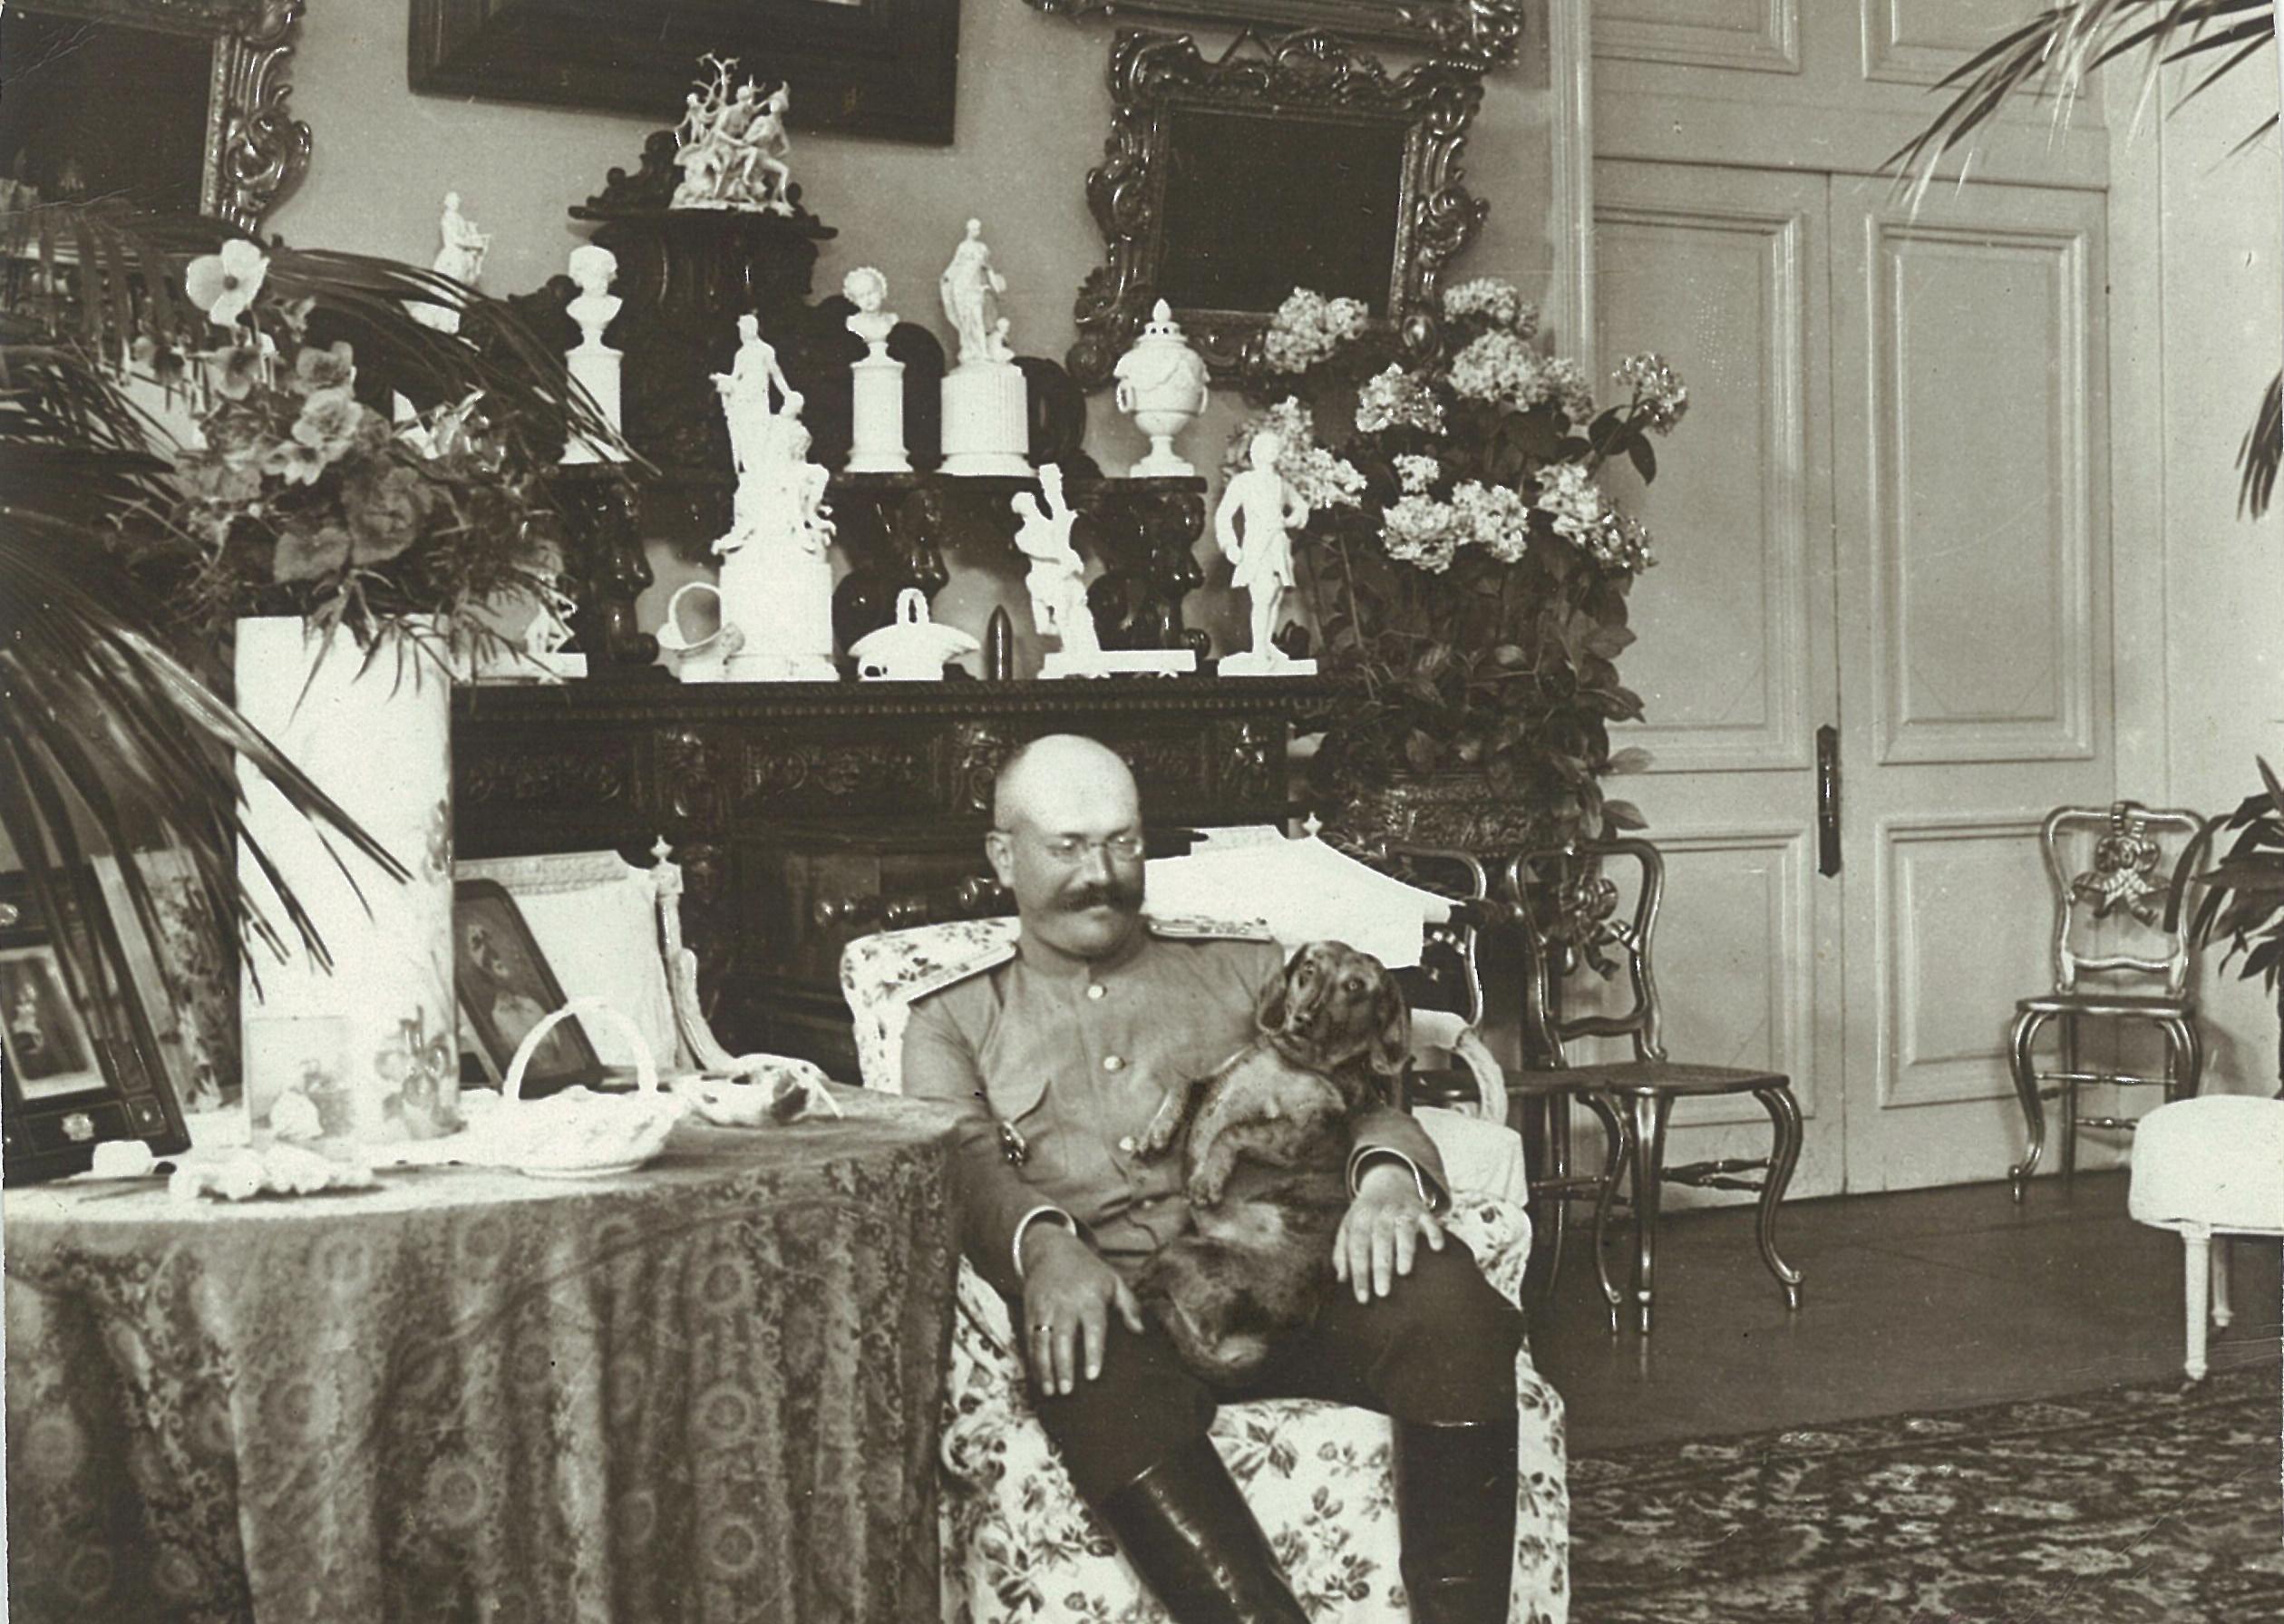 В.П.Всеволожский с собакой в одном из залов усадебного дома в Рябово (на фоне коллекции фарфора),